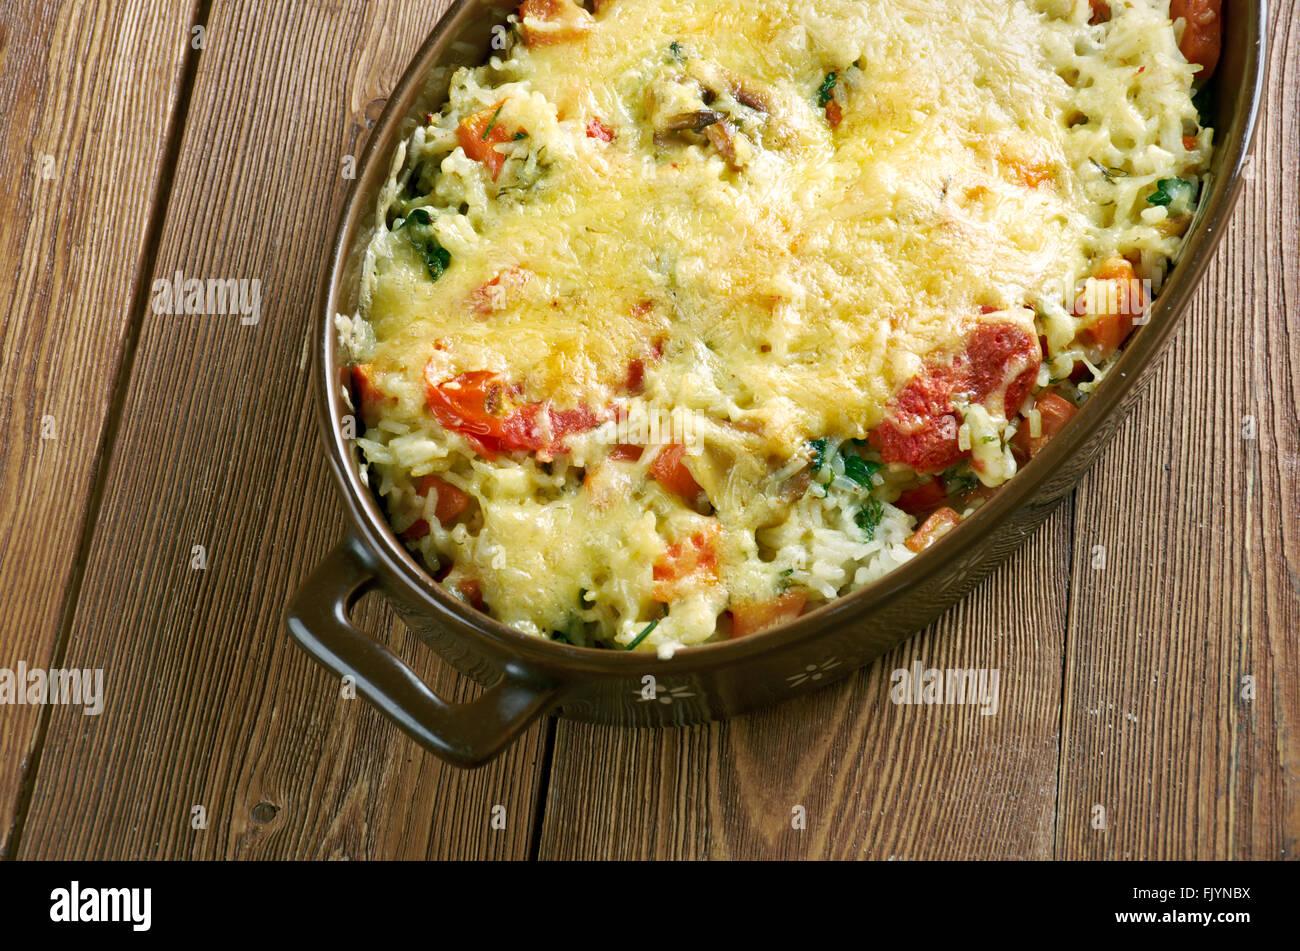 Riso gratinato alle verdure - casserole de riz, légumes, fromage et champignons .La Cuisine Italienne Photo Stock